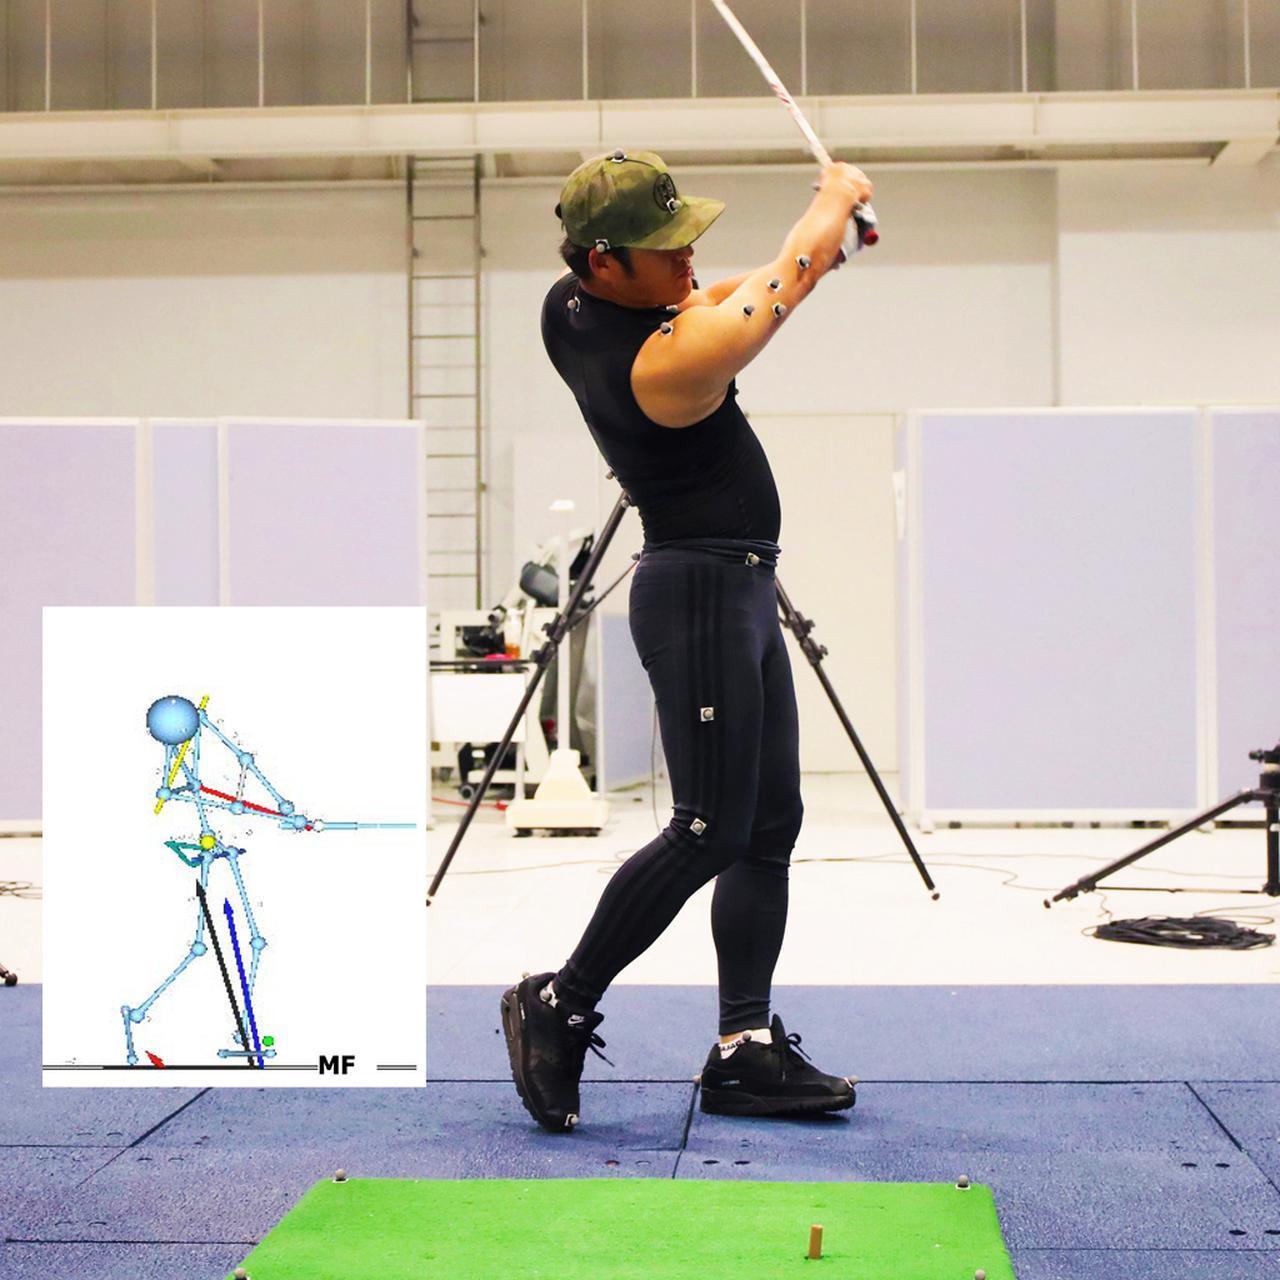 画像5: 【チェ・ホソン】反力打法のDr.クォンがフィッシャーマンズスウィングを解剖。片足で回ると飛距離が伸びるその仕組み